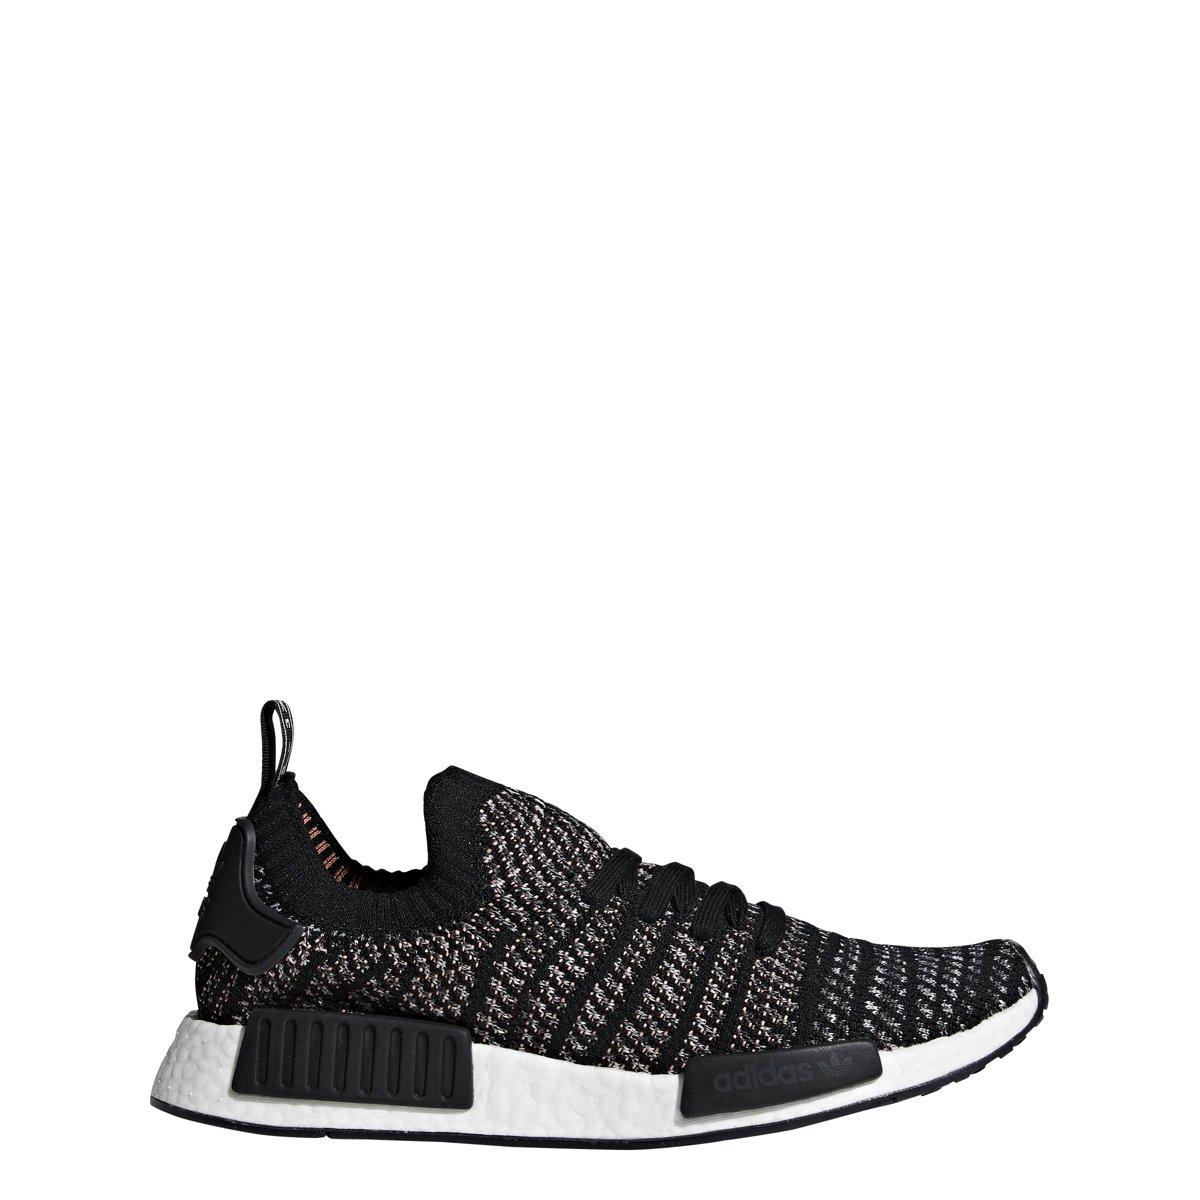 Adidas Originals NMD_R1 STLT Primeknit chaussures Hommes's Décontracté 11 noir-gris noir-gris  le plus en vogue